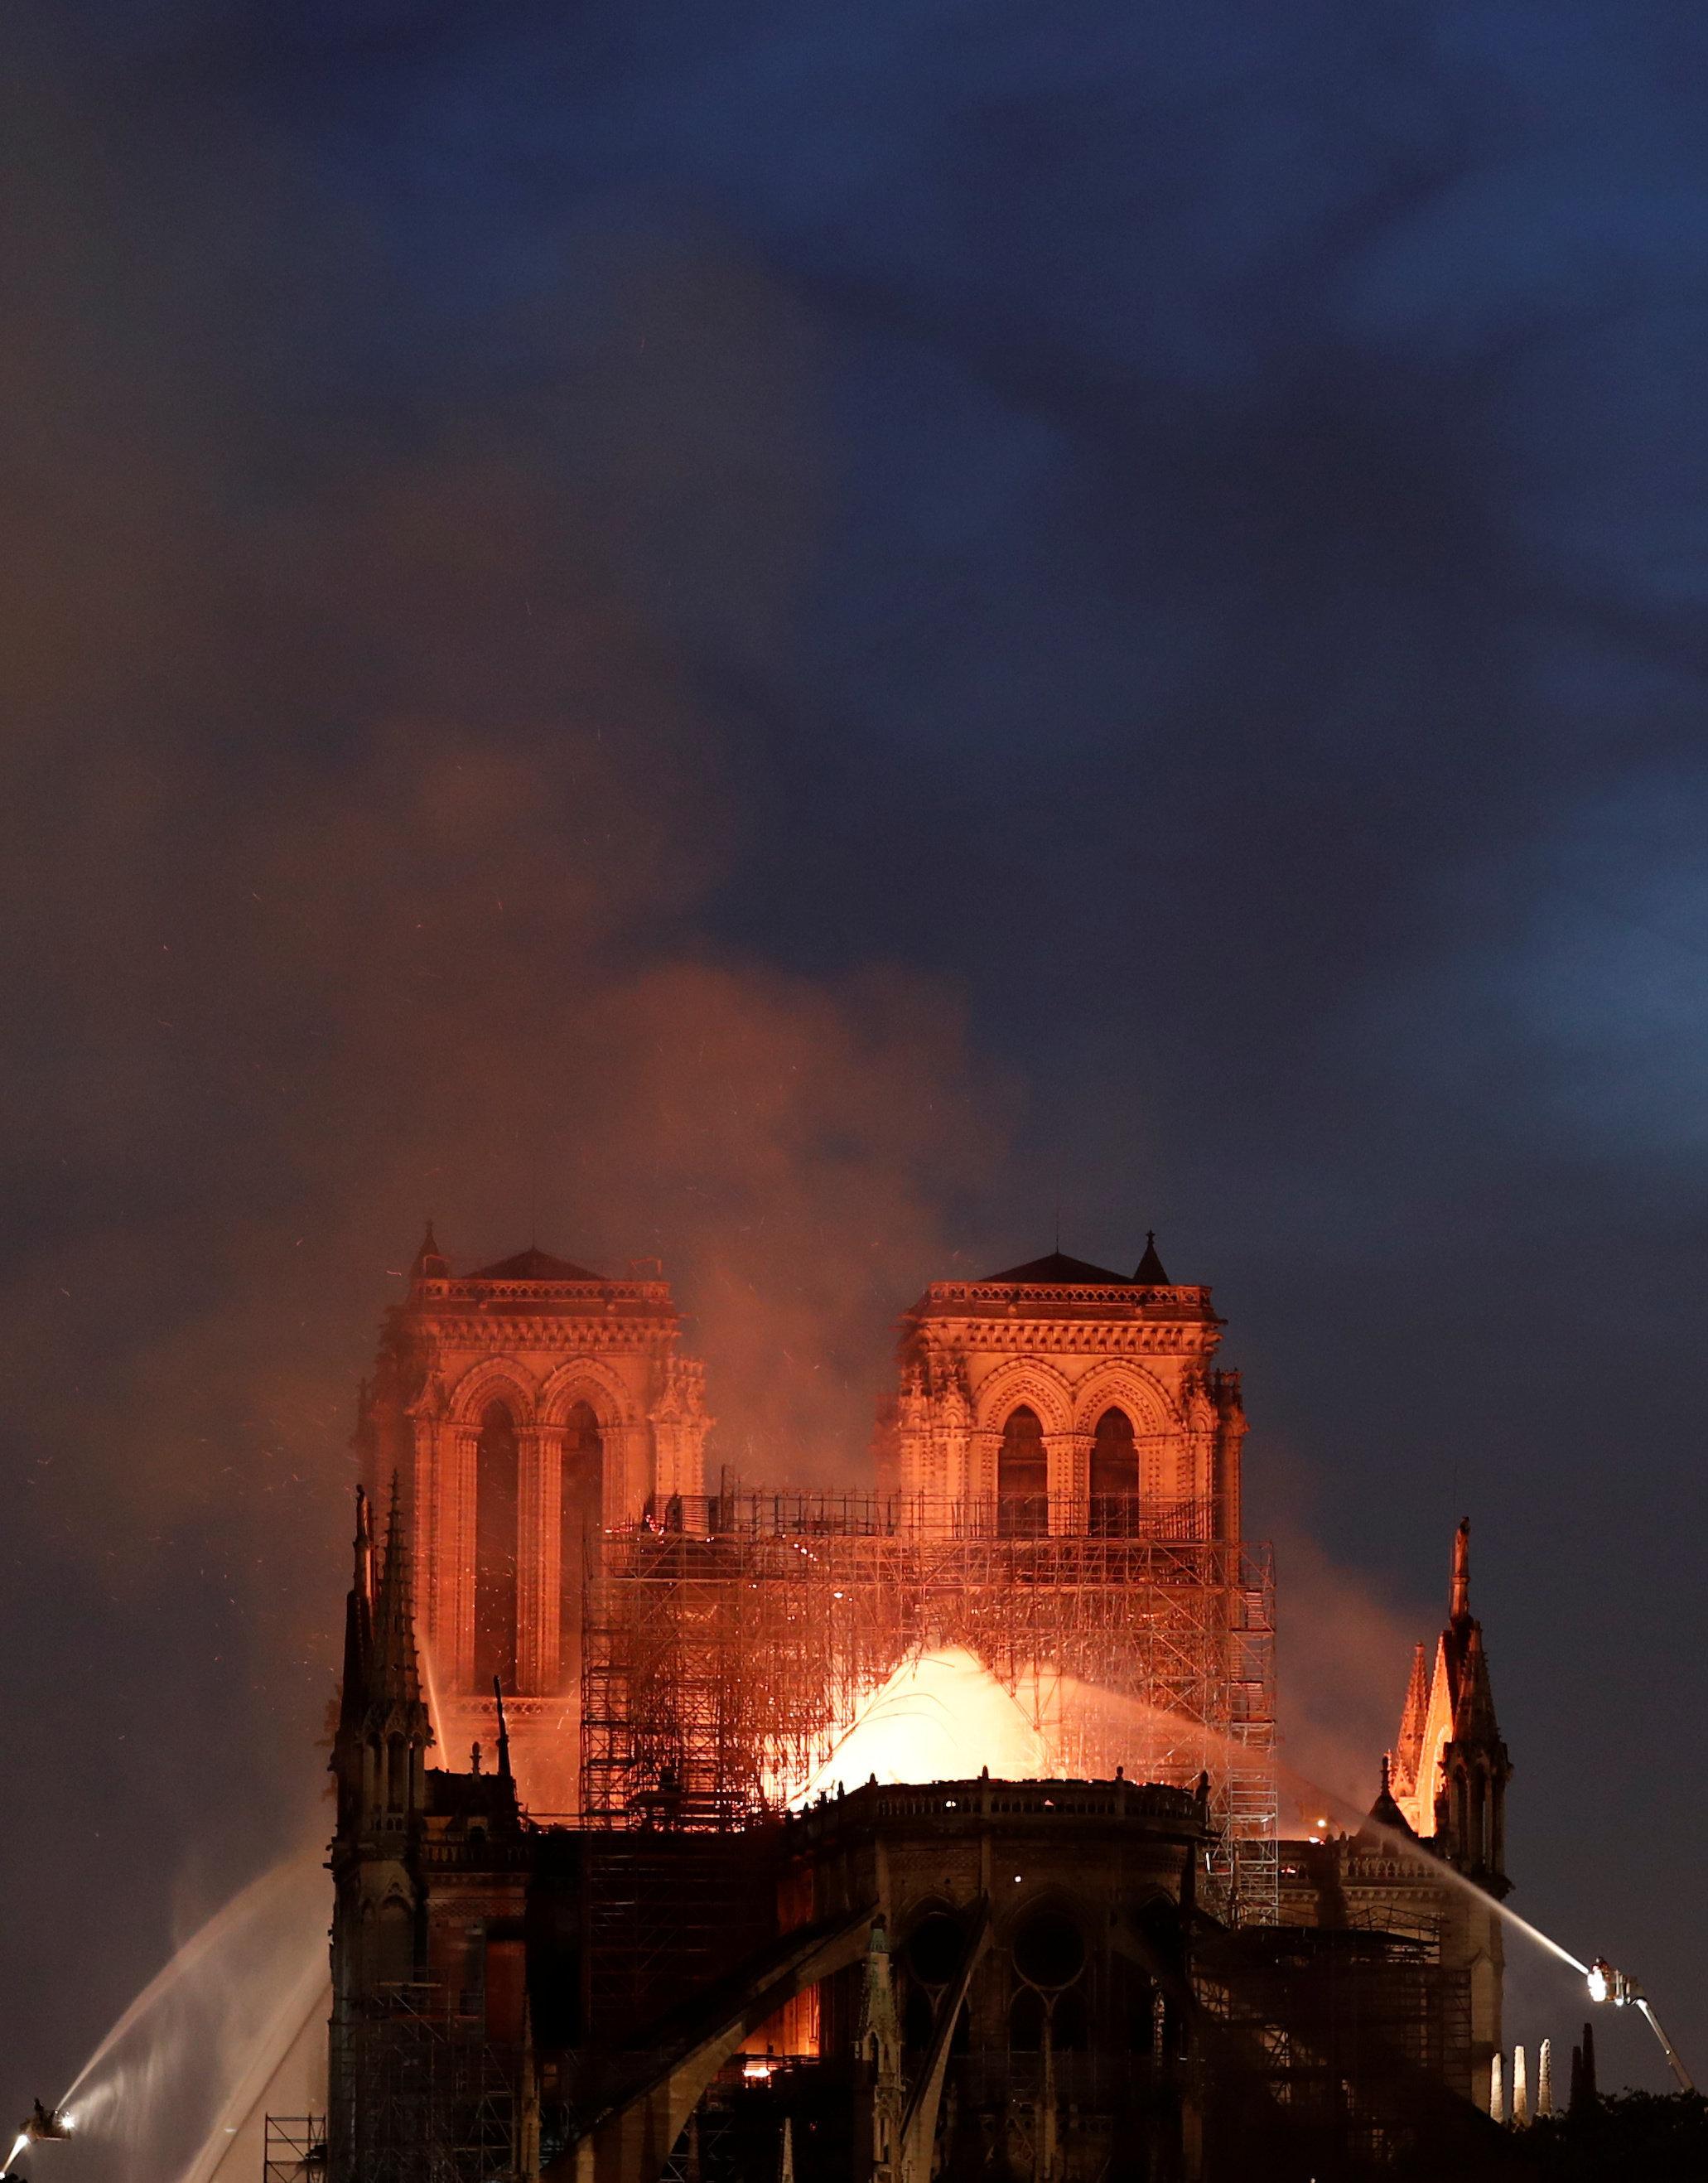 火災が起きたノートルダム大聖堂